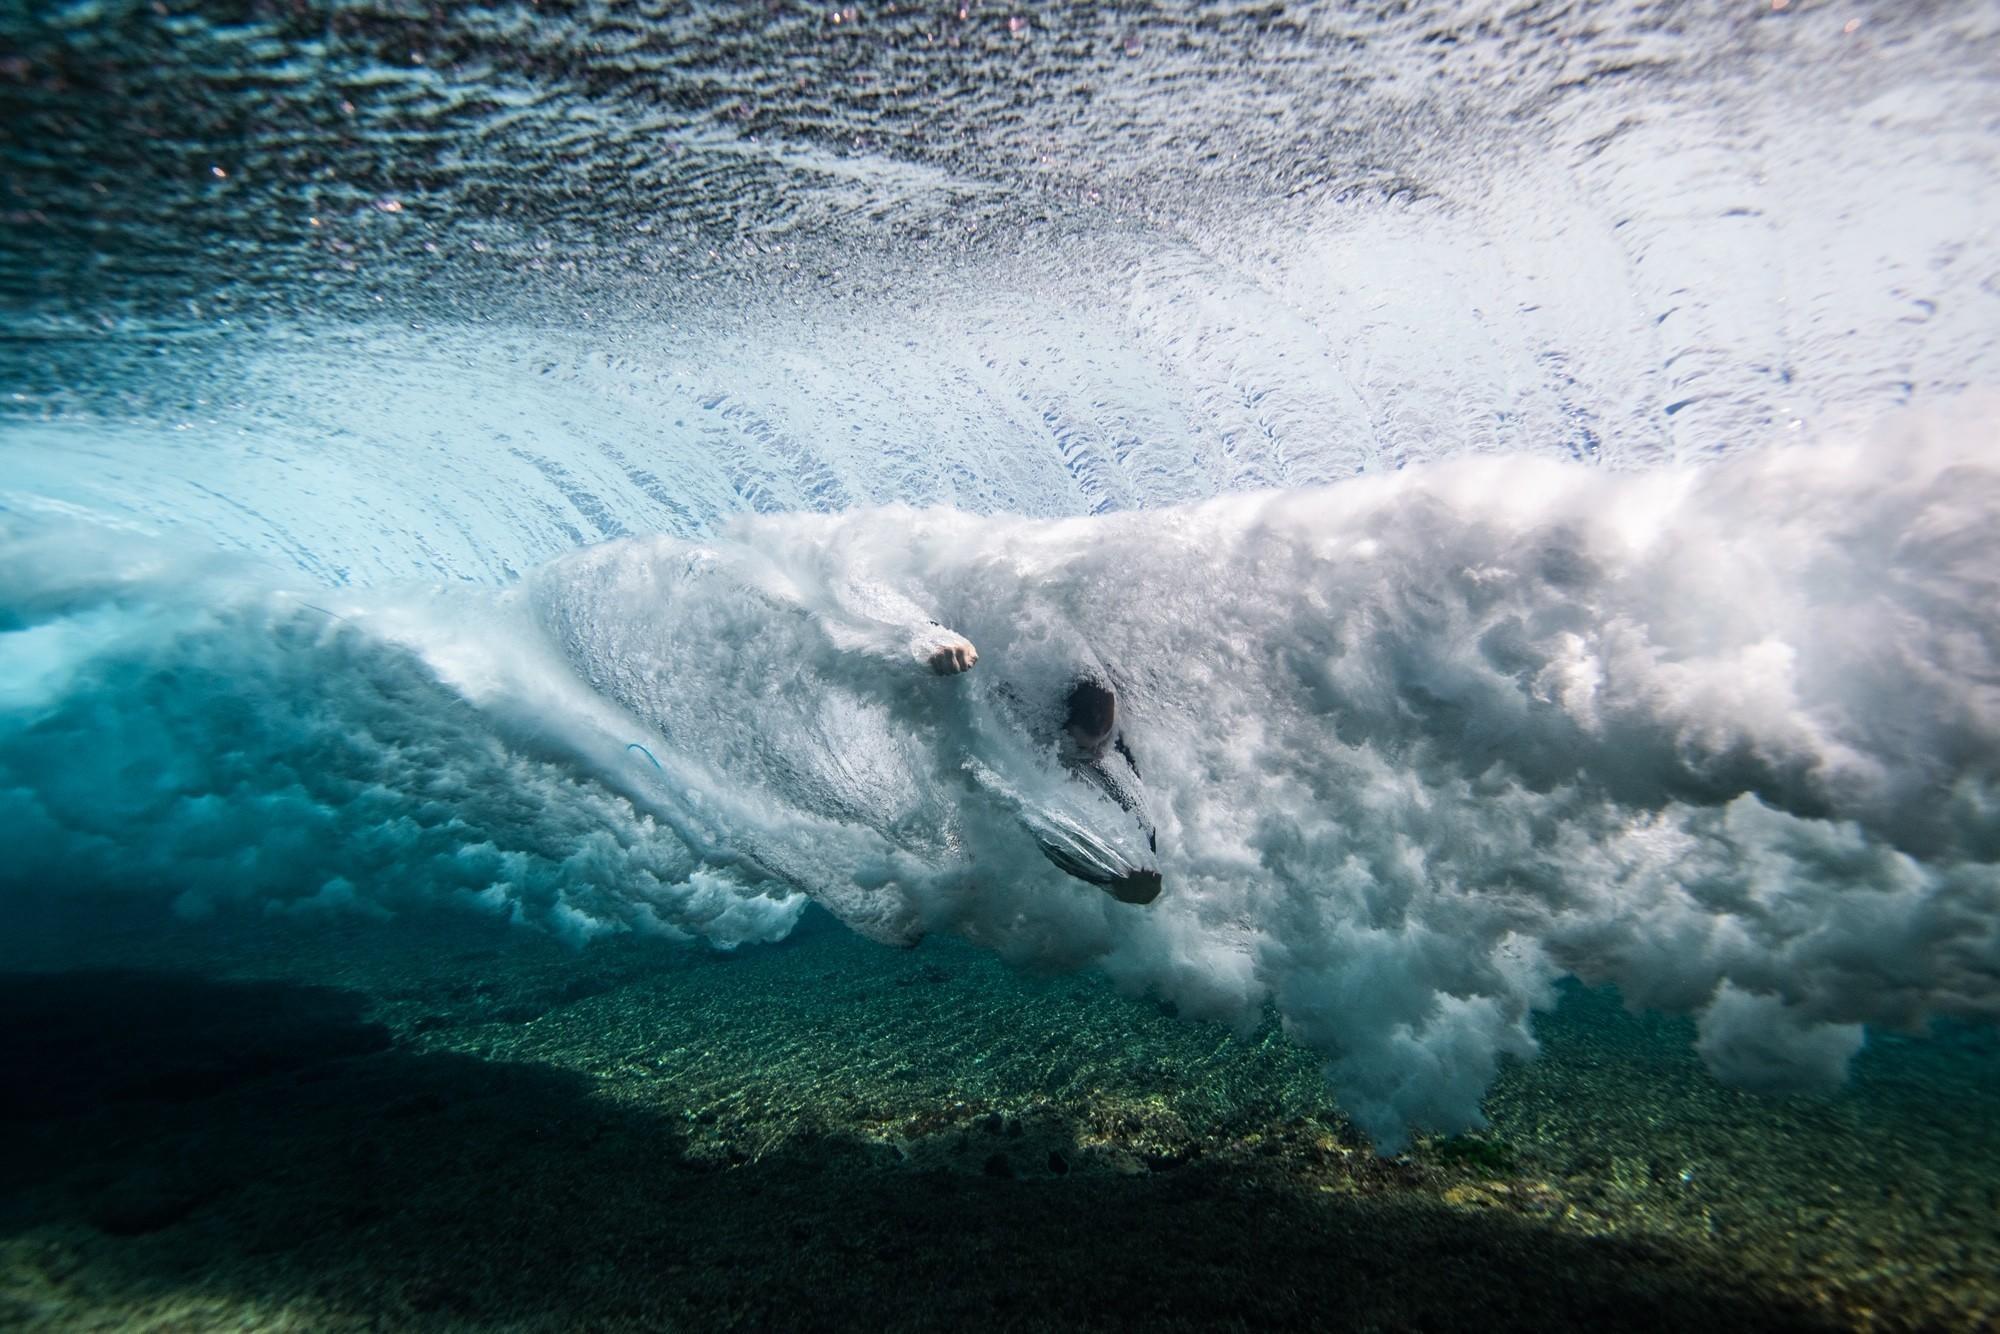 The Ocean Warrior